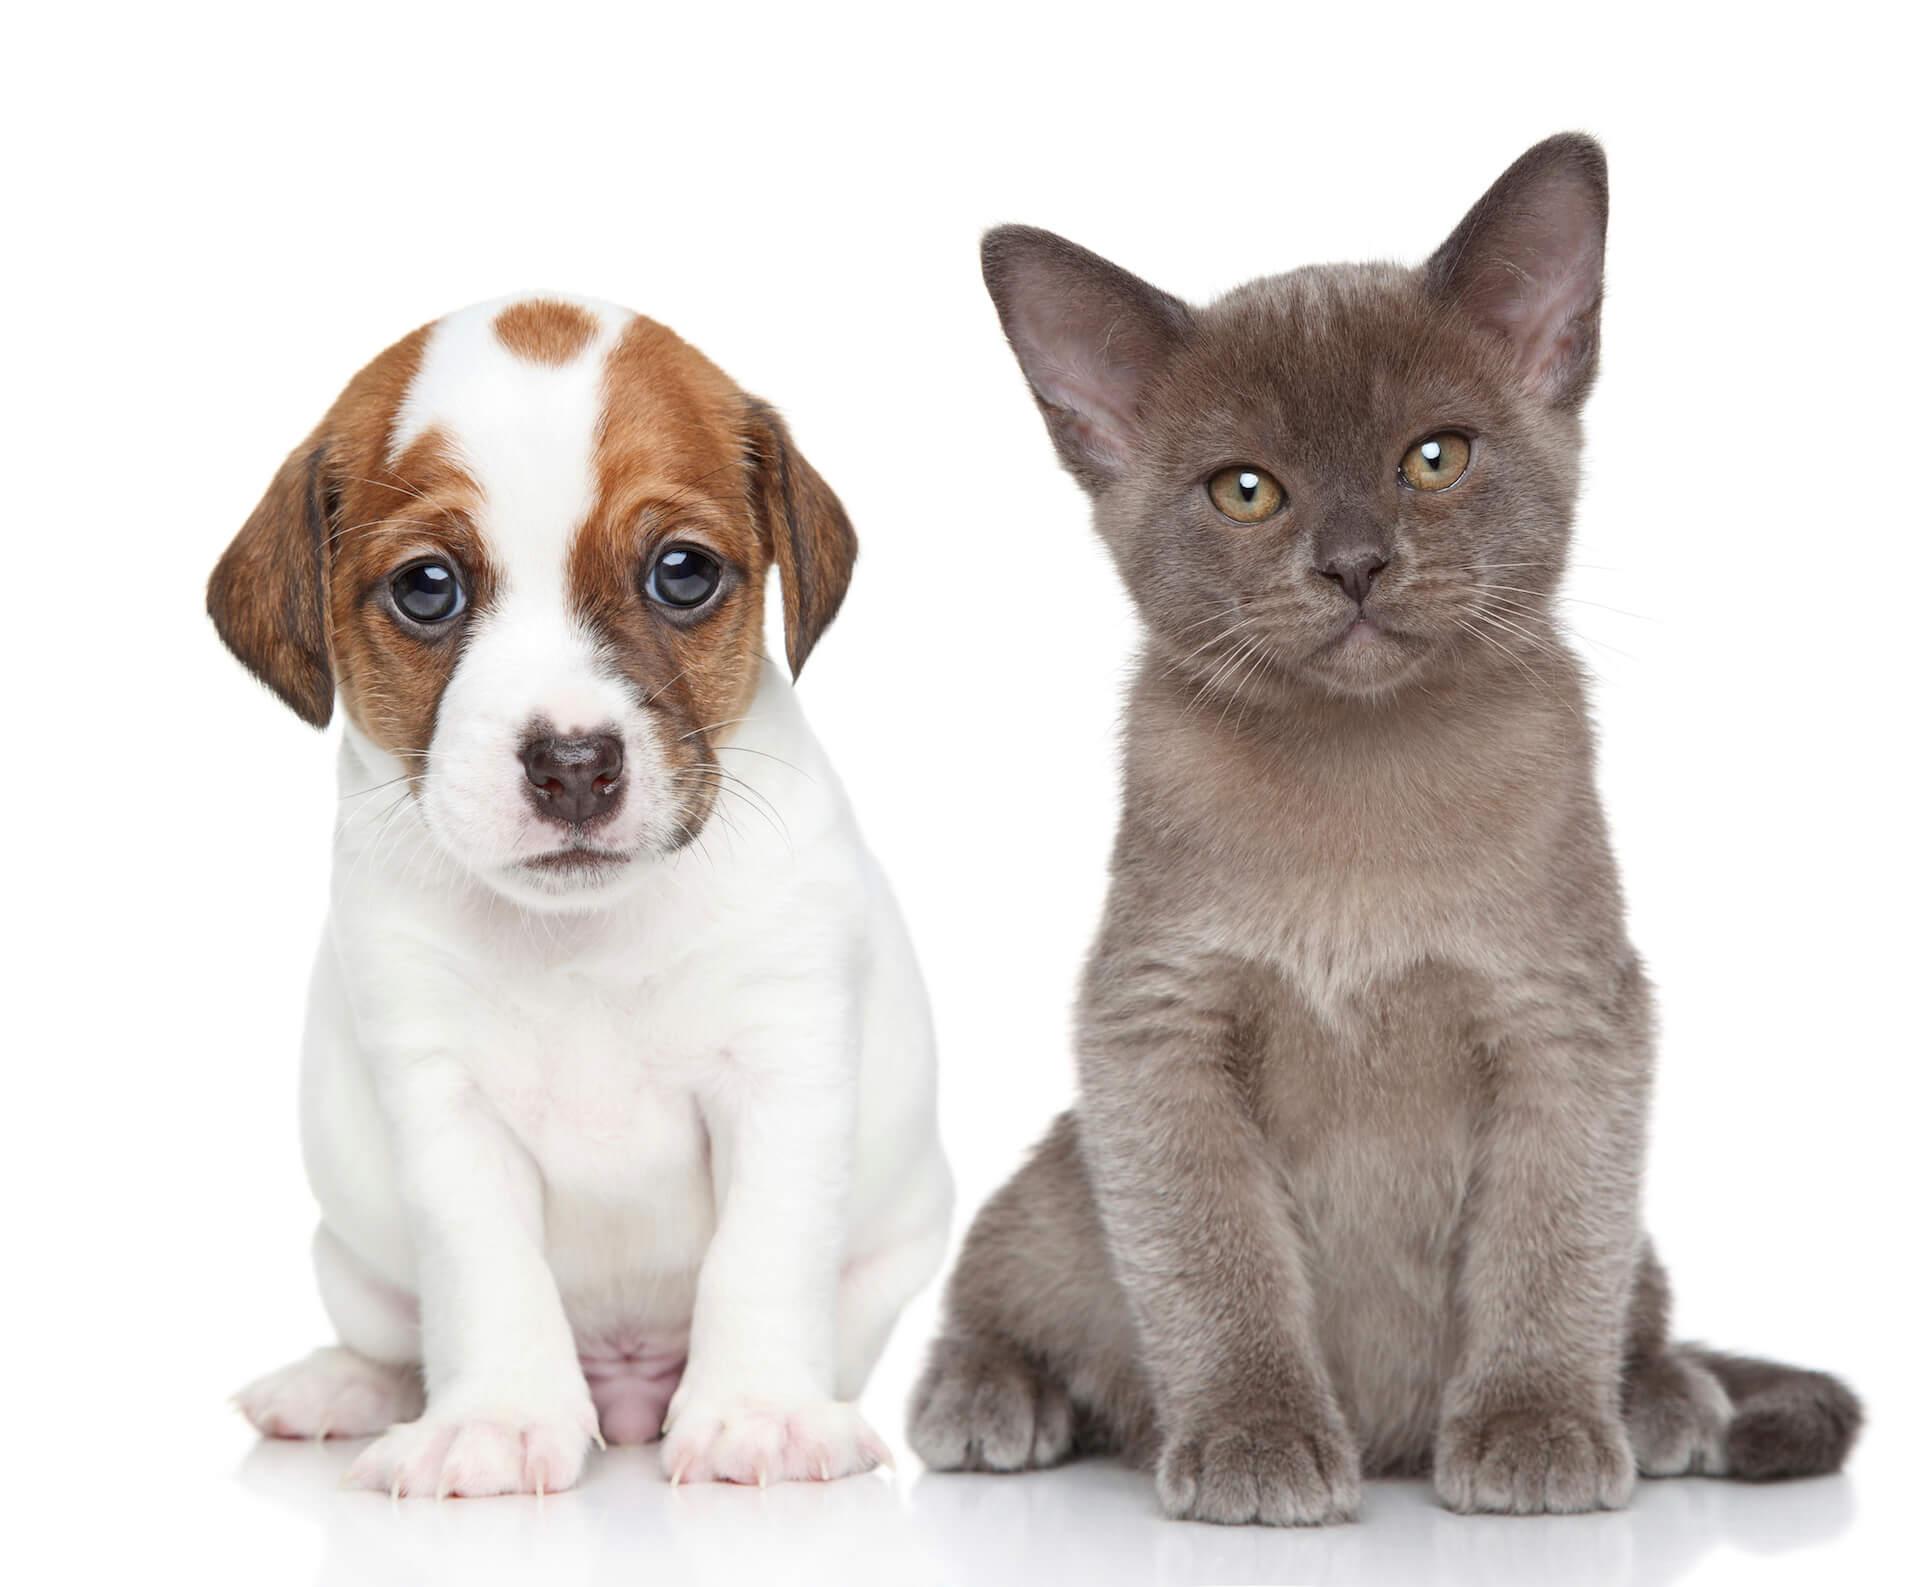 puppy-kitten-4-1920